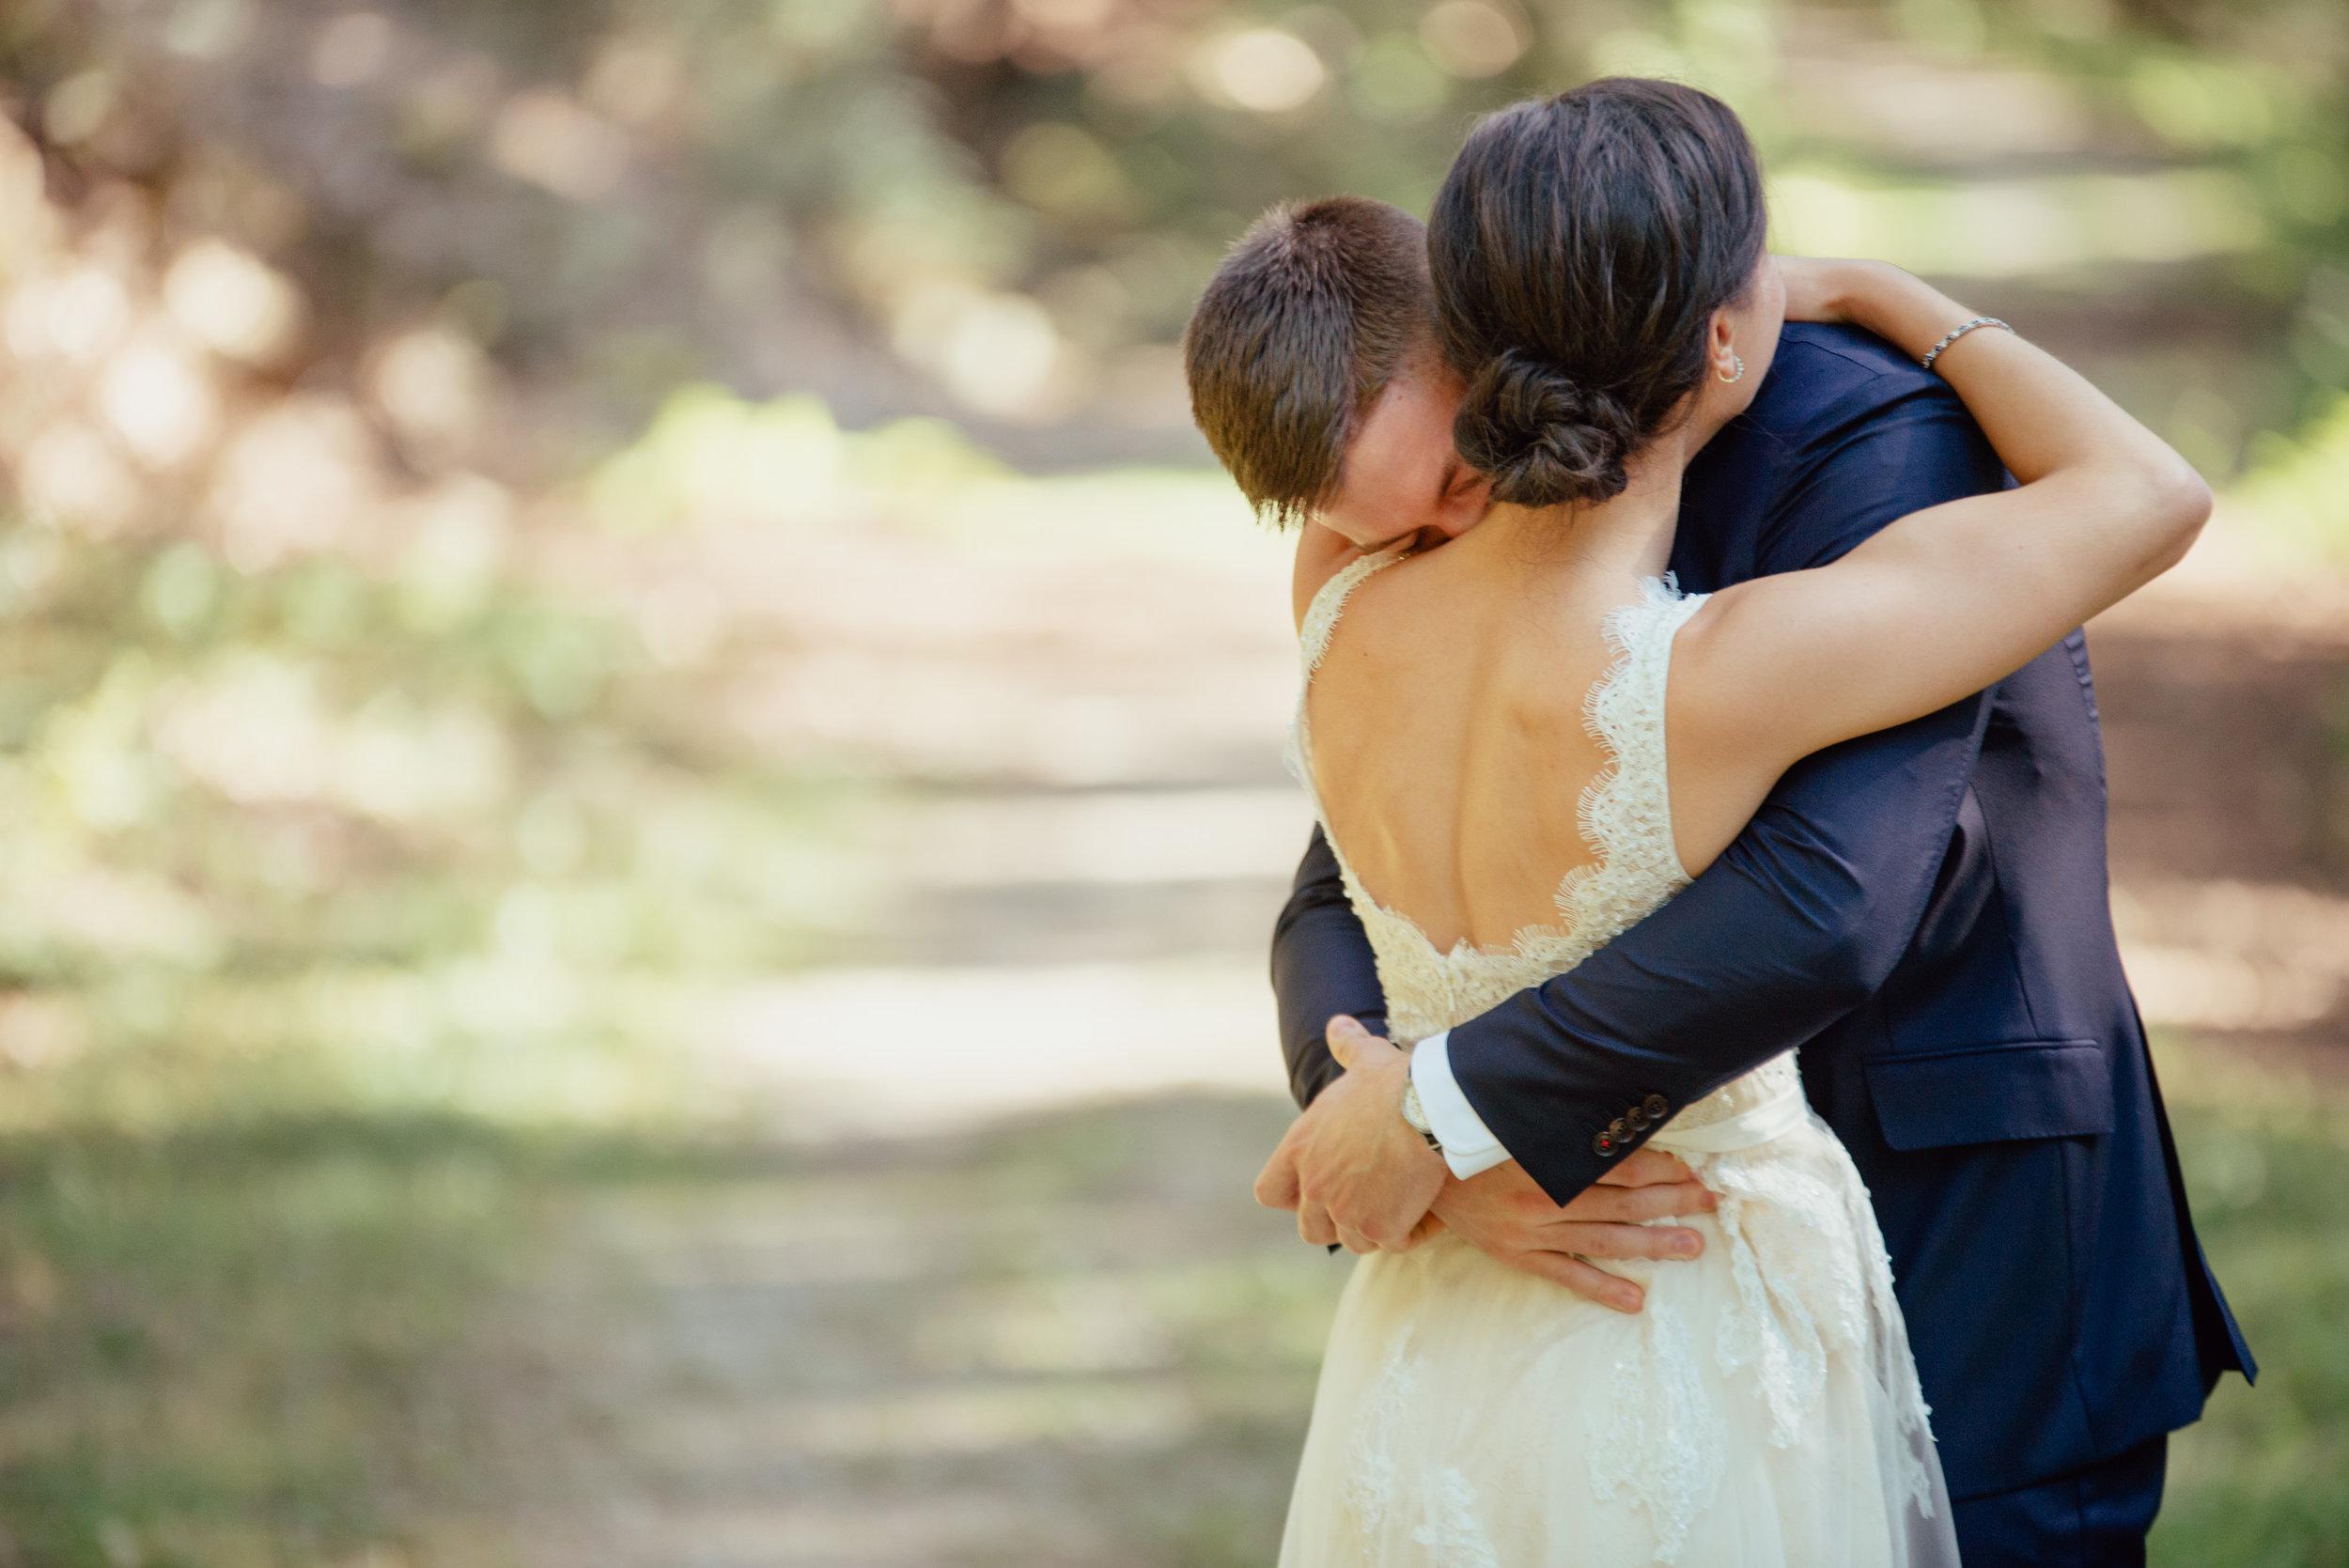 cleland-studios-weddings-8.jpg